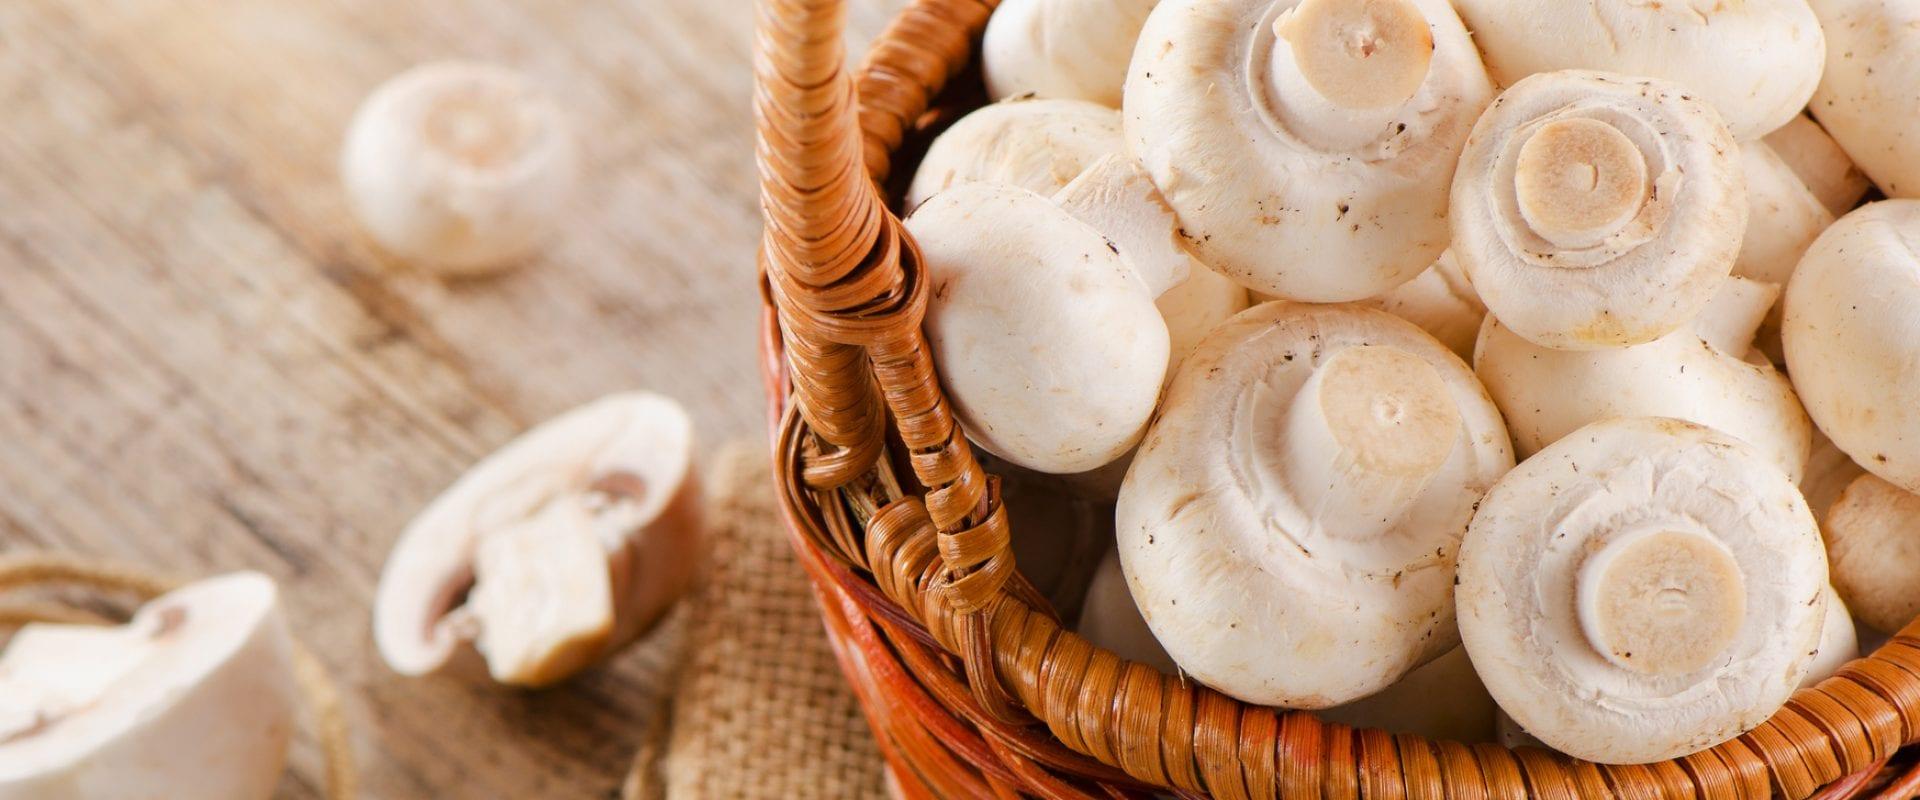 5 gode råd omkring svampe